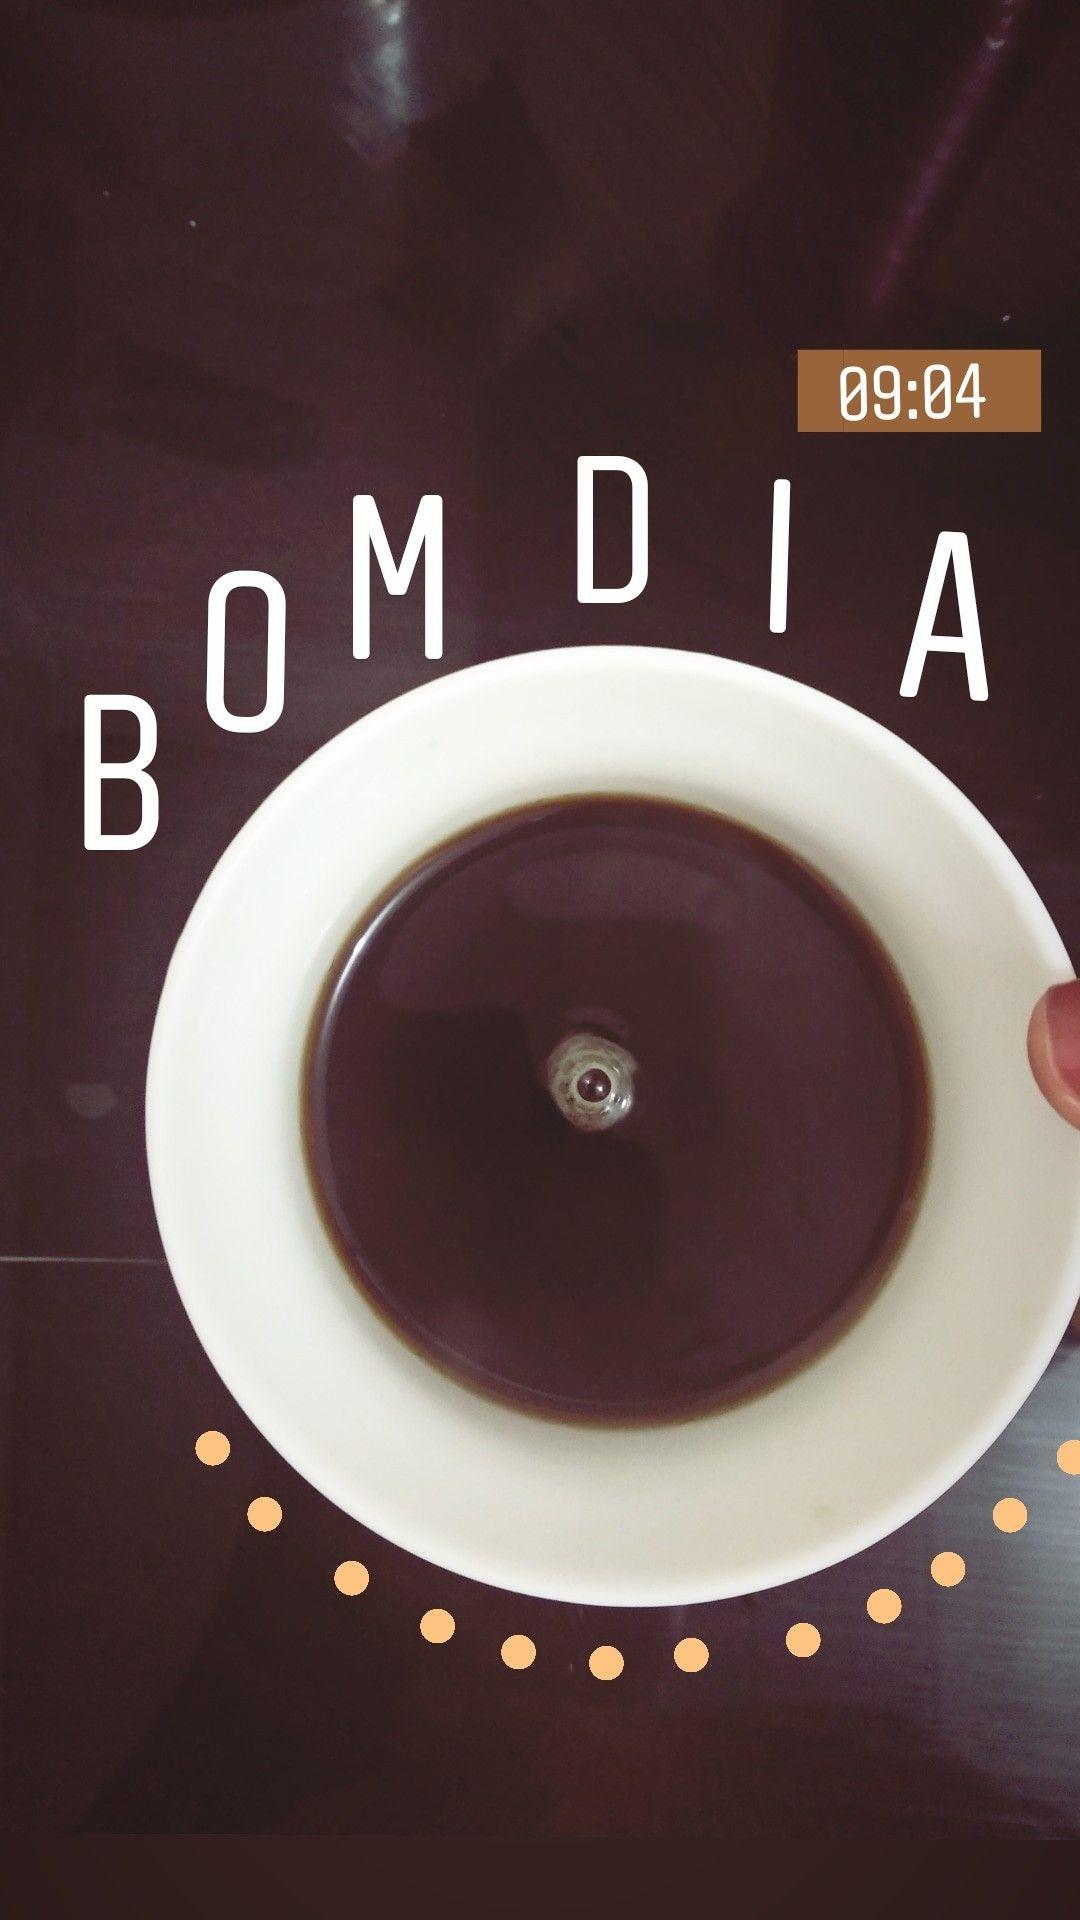 bomdia cafe cafeina Ideias de histórias, Ideias de